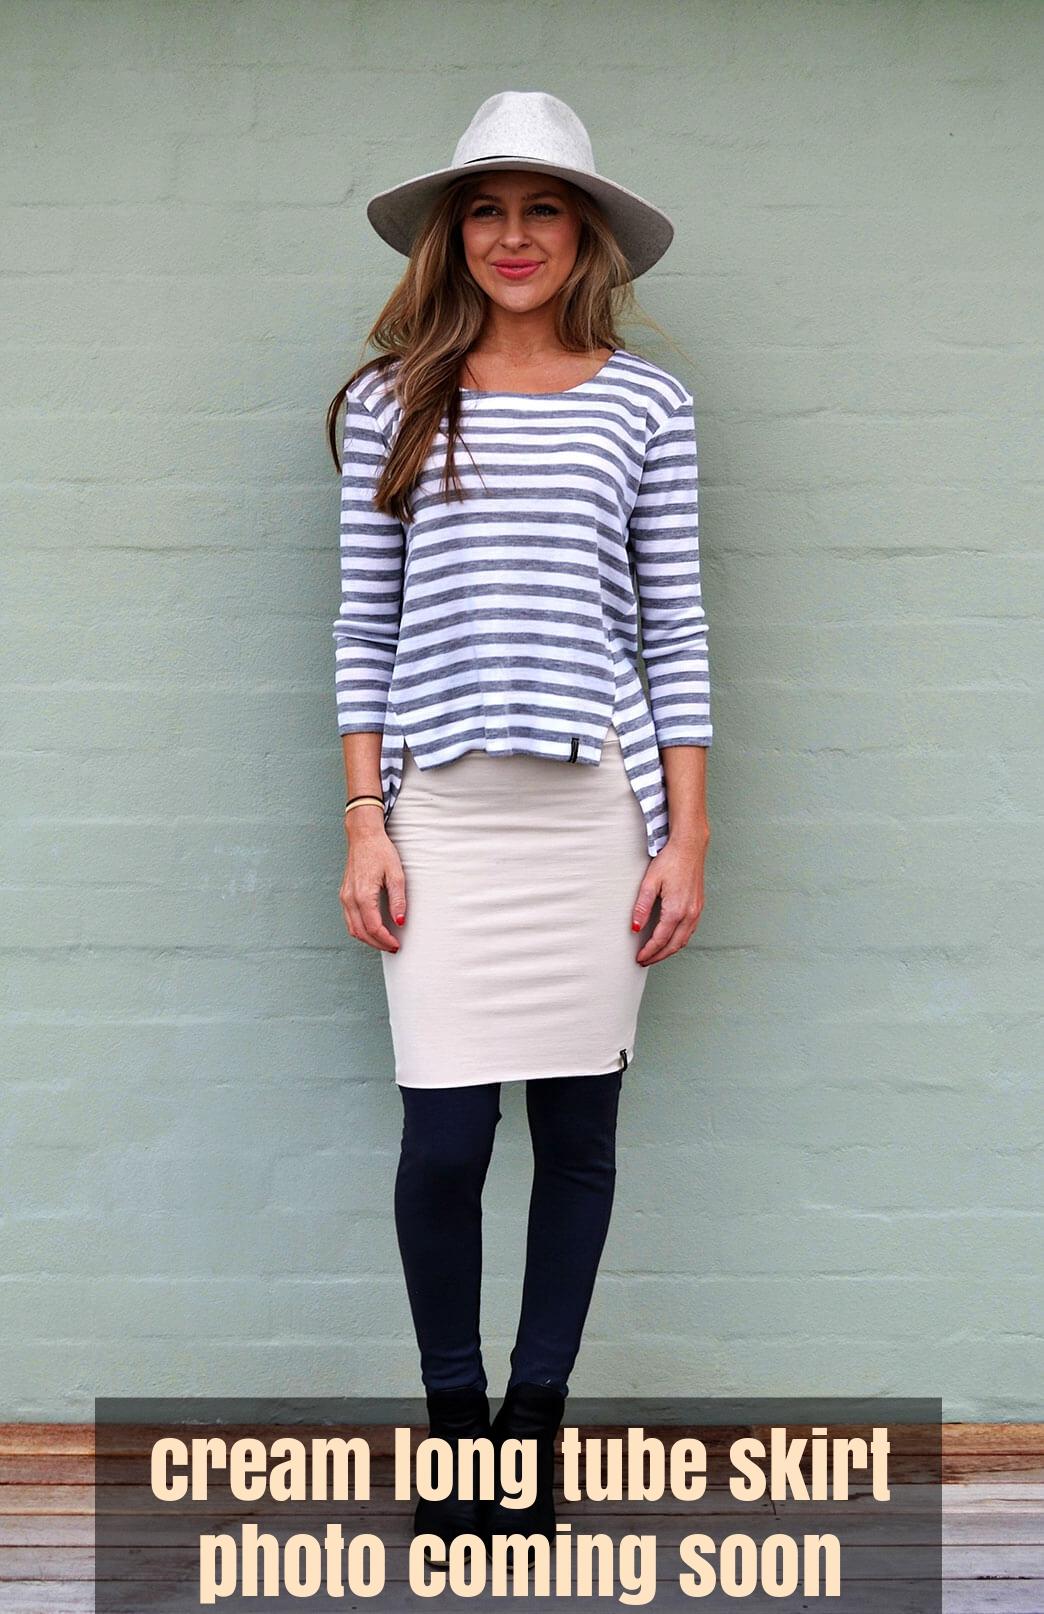 Long Tube Skirt - Women's Cream Merino Wool Fitted Maxi Skirt with wide waistband - Smitten Merino Tasmania Australia